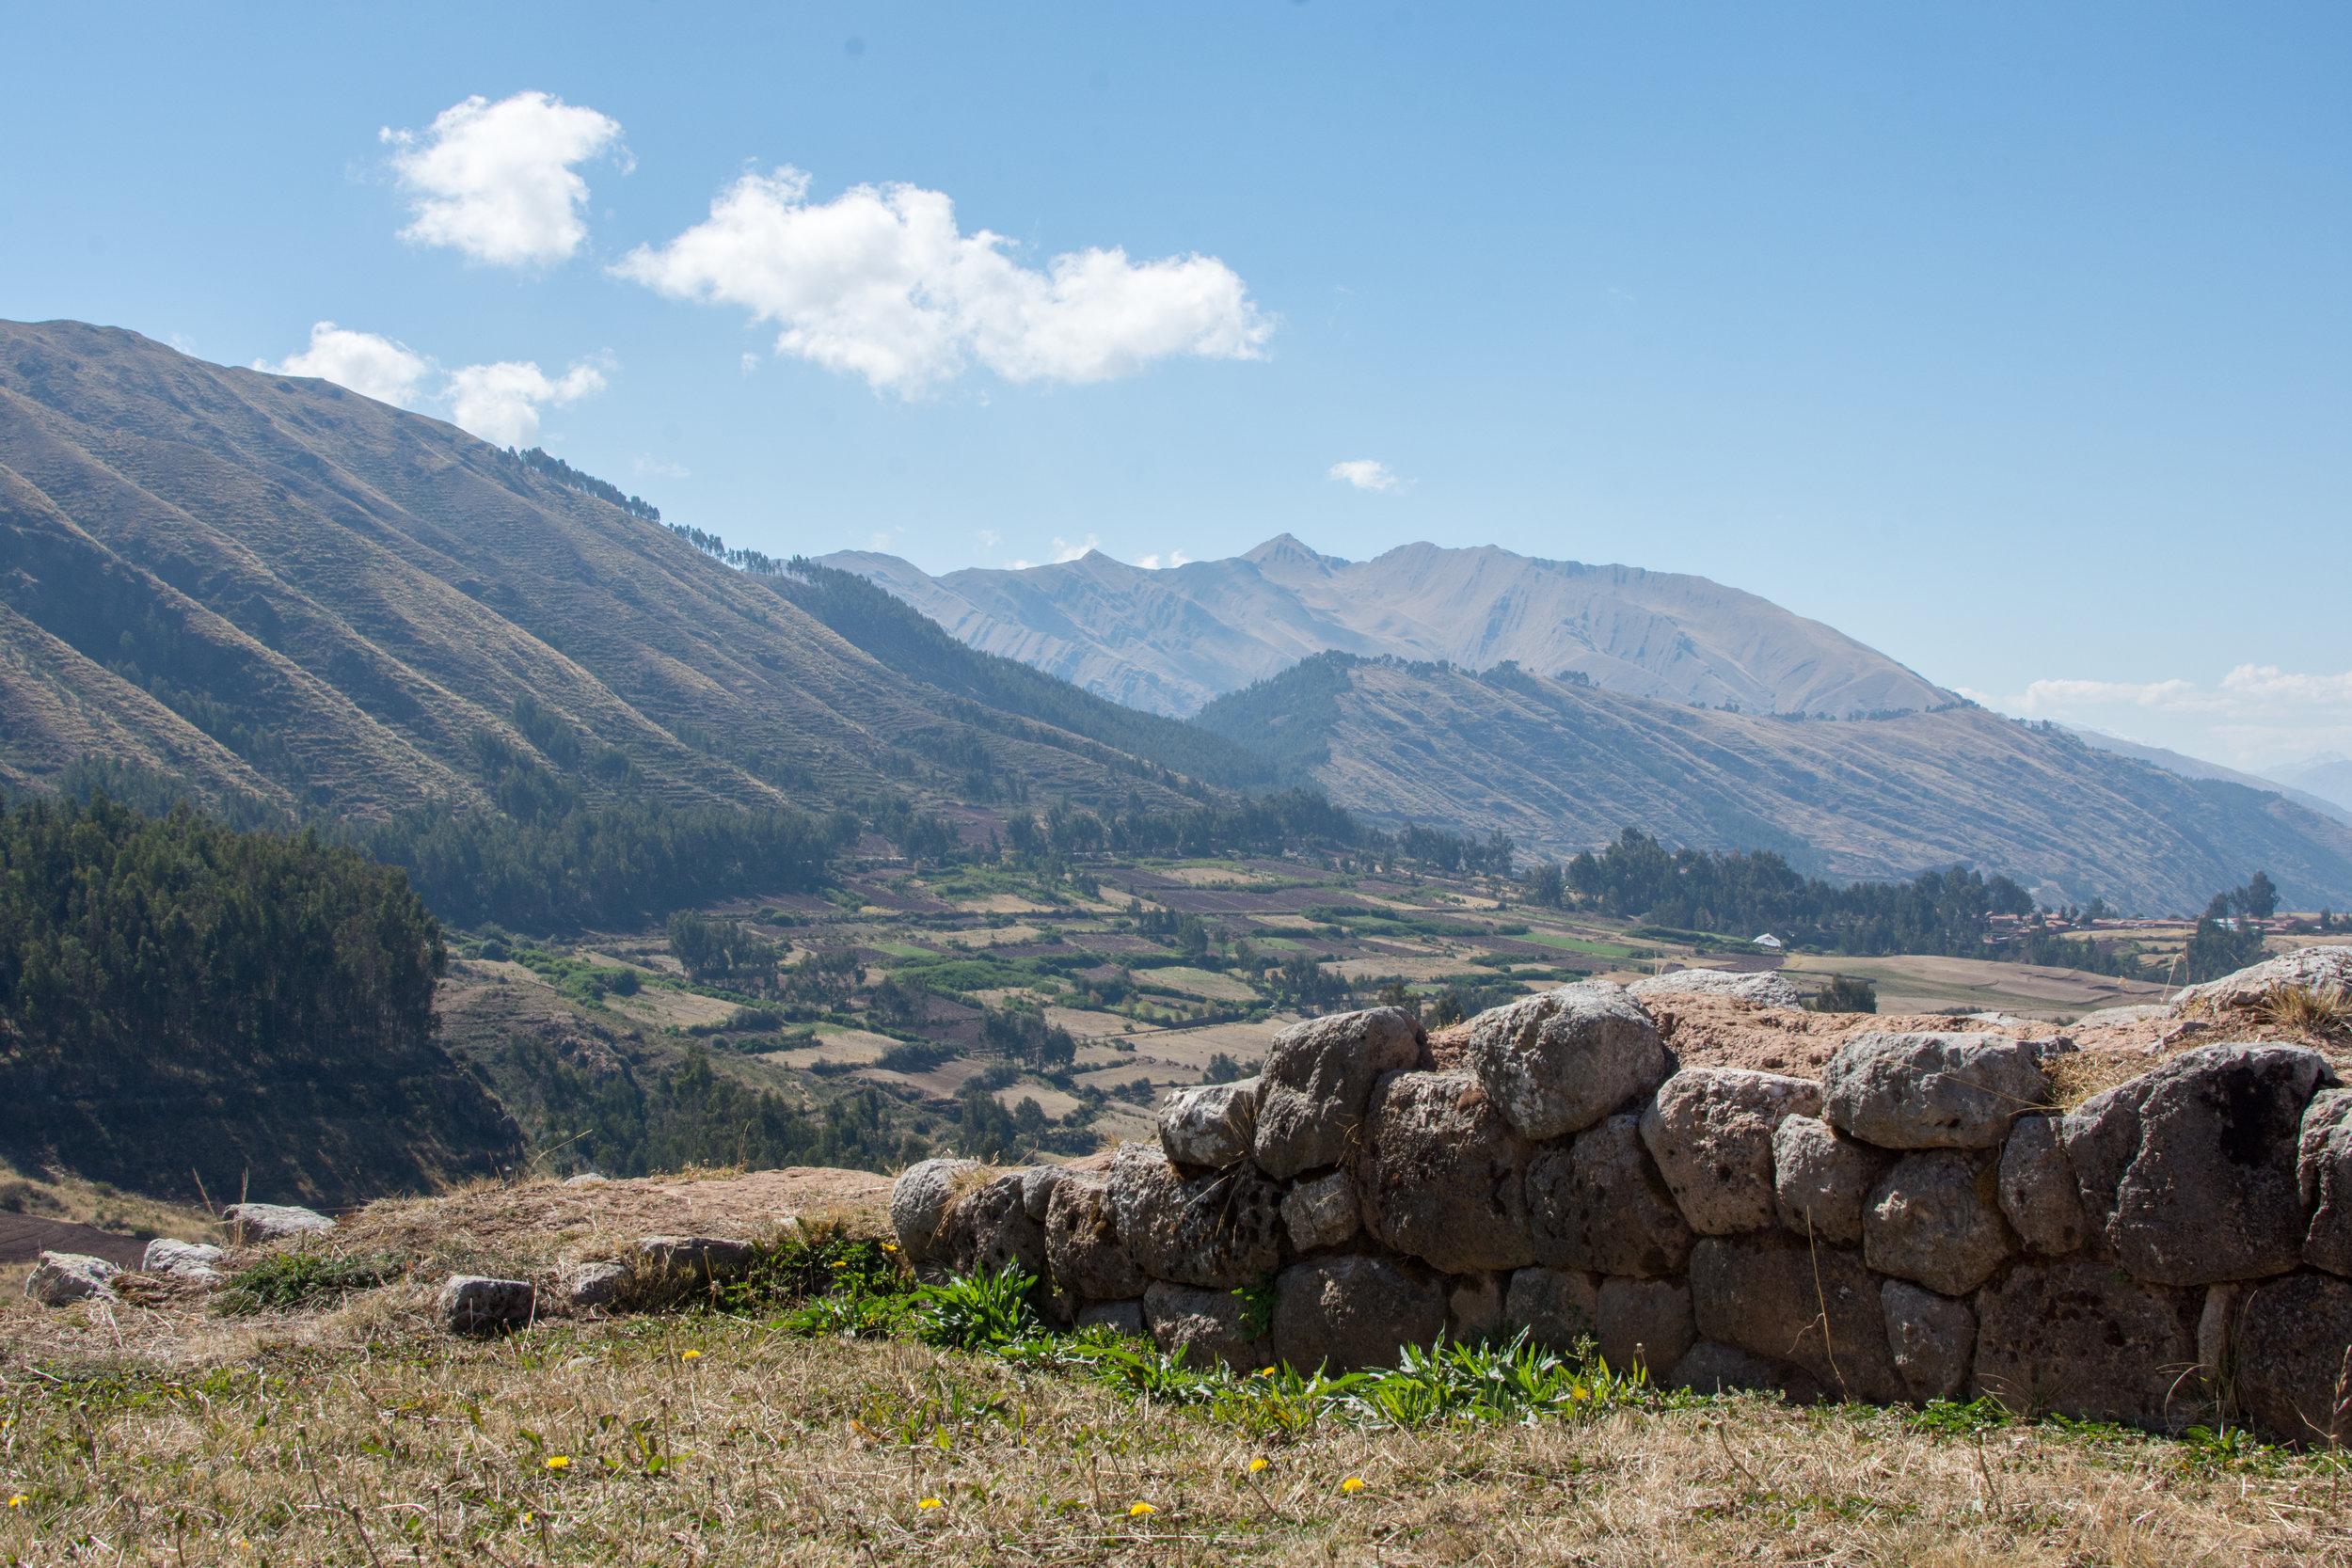 View from Puka Pukara